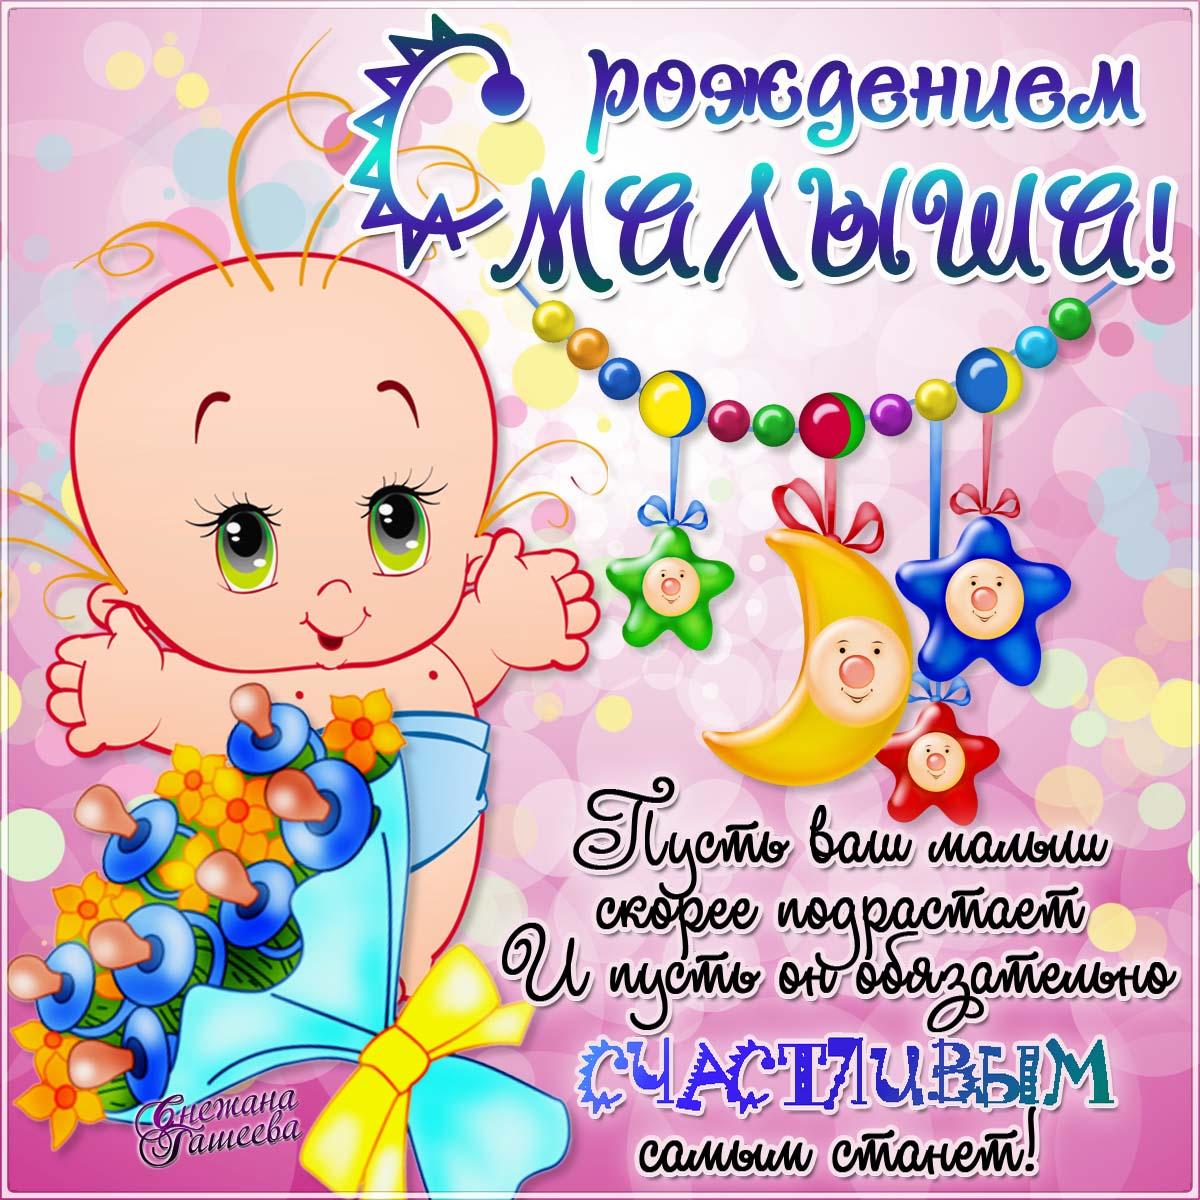 Поздравление рождением ребенка мальчика